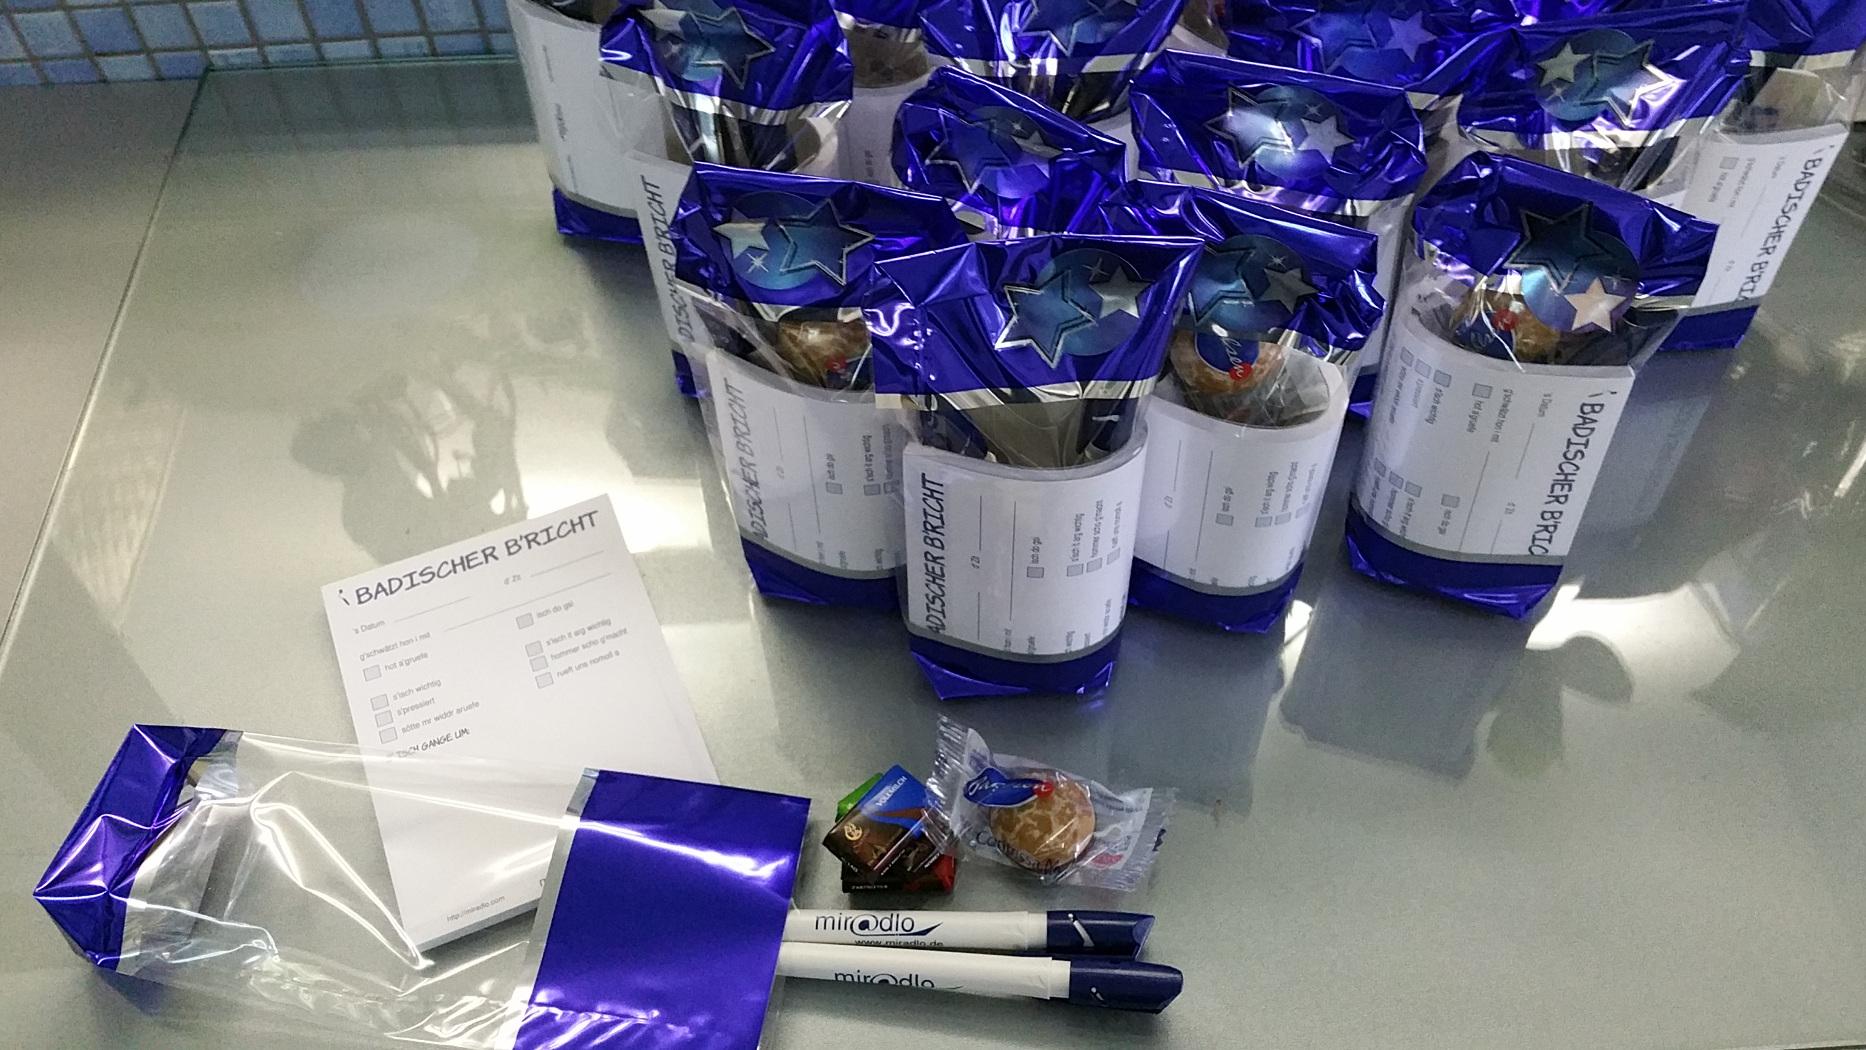 - Neujahrspäckle als Dankeschön für unsere miradlo-Versanddepot-Kunden - die Lieferadresse in Konstanz